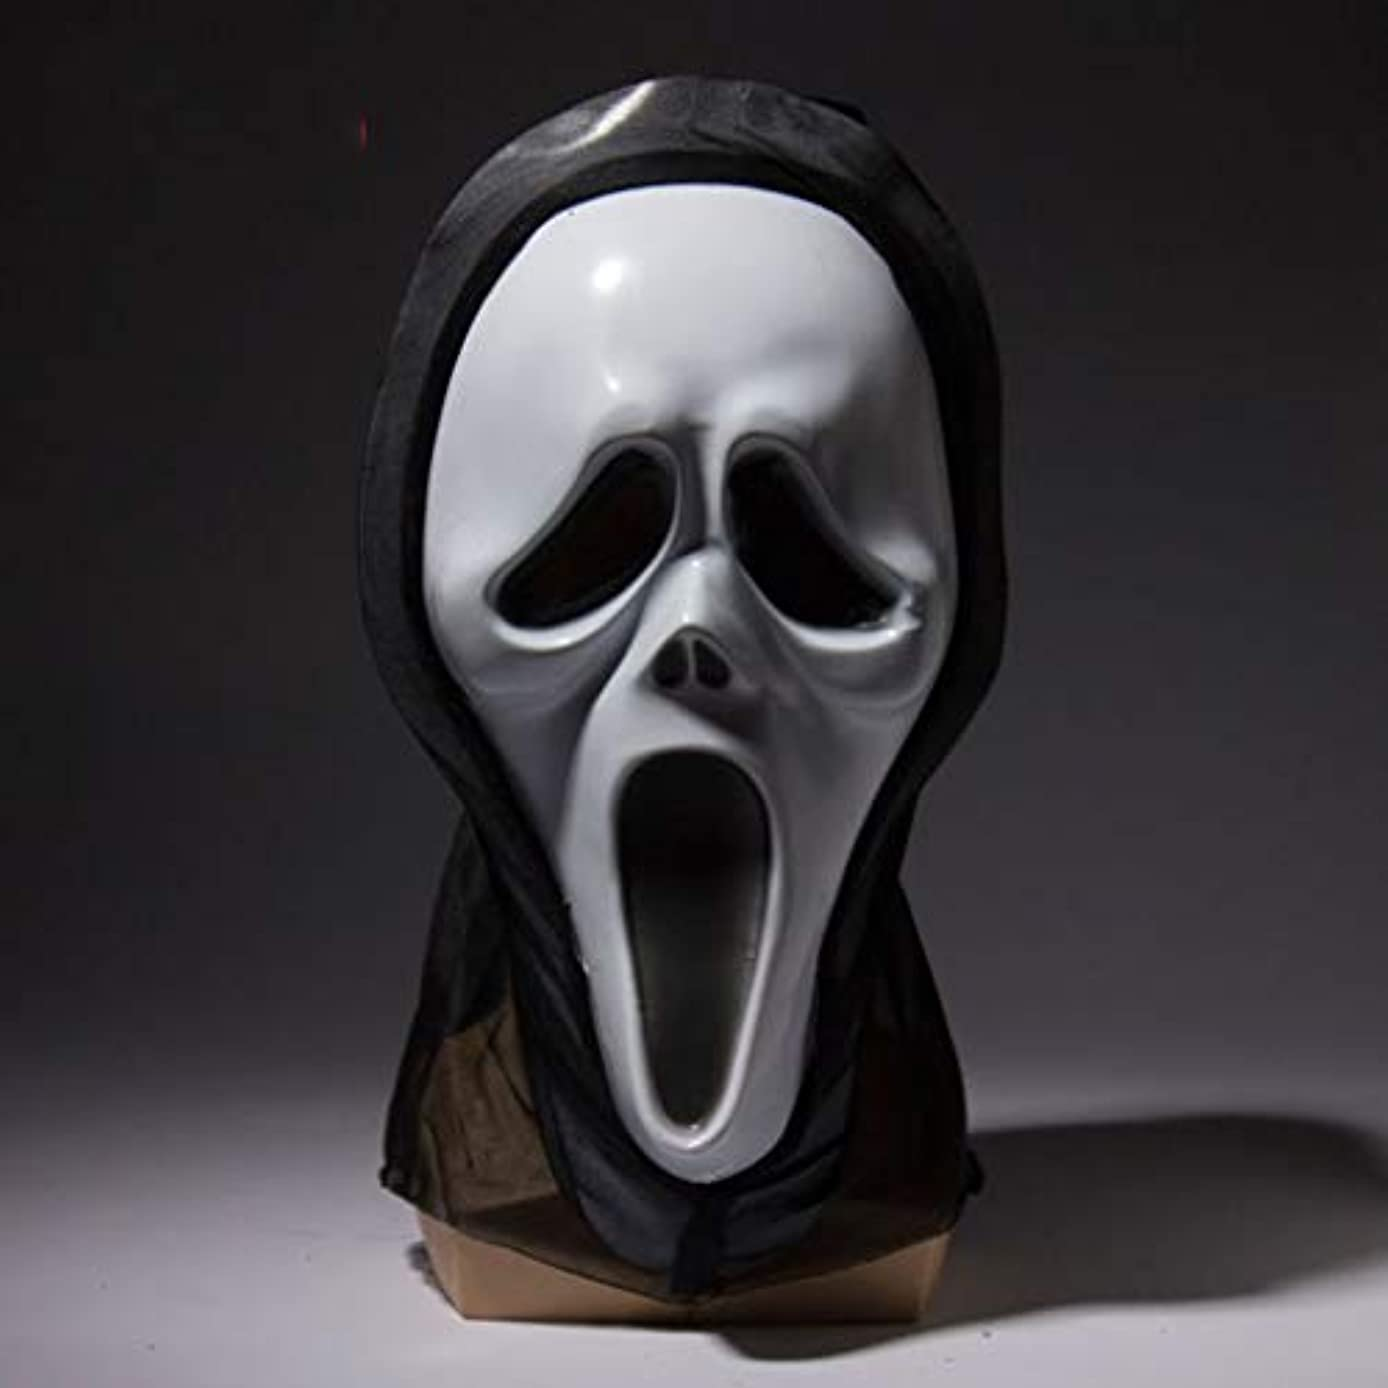 王室白鳥飾り羽ハロウィーン悲鳴悪魔ホラーマスクしかめっ面怖いゾンビヘッドギア大人ゴーストフェスティバルボールマスク